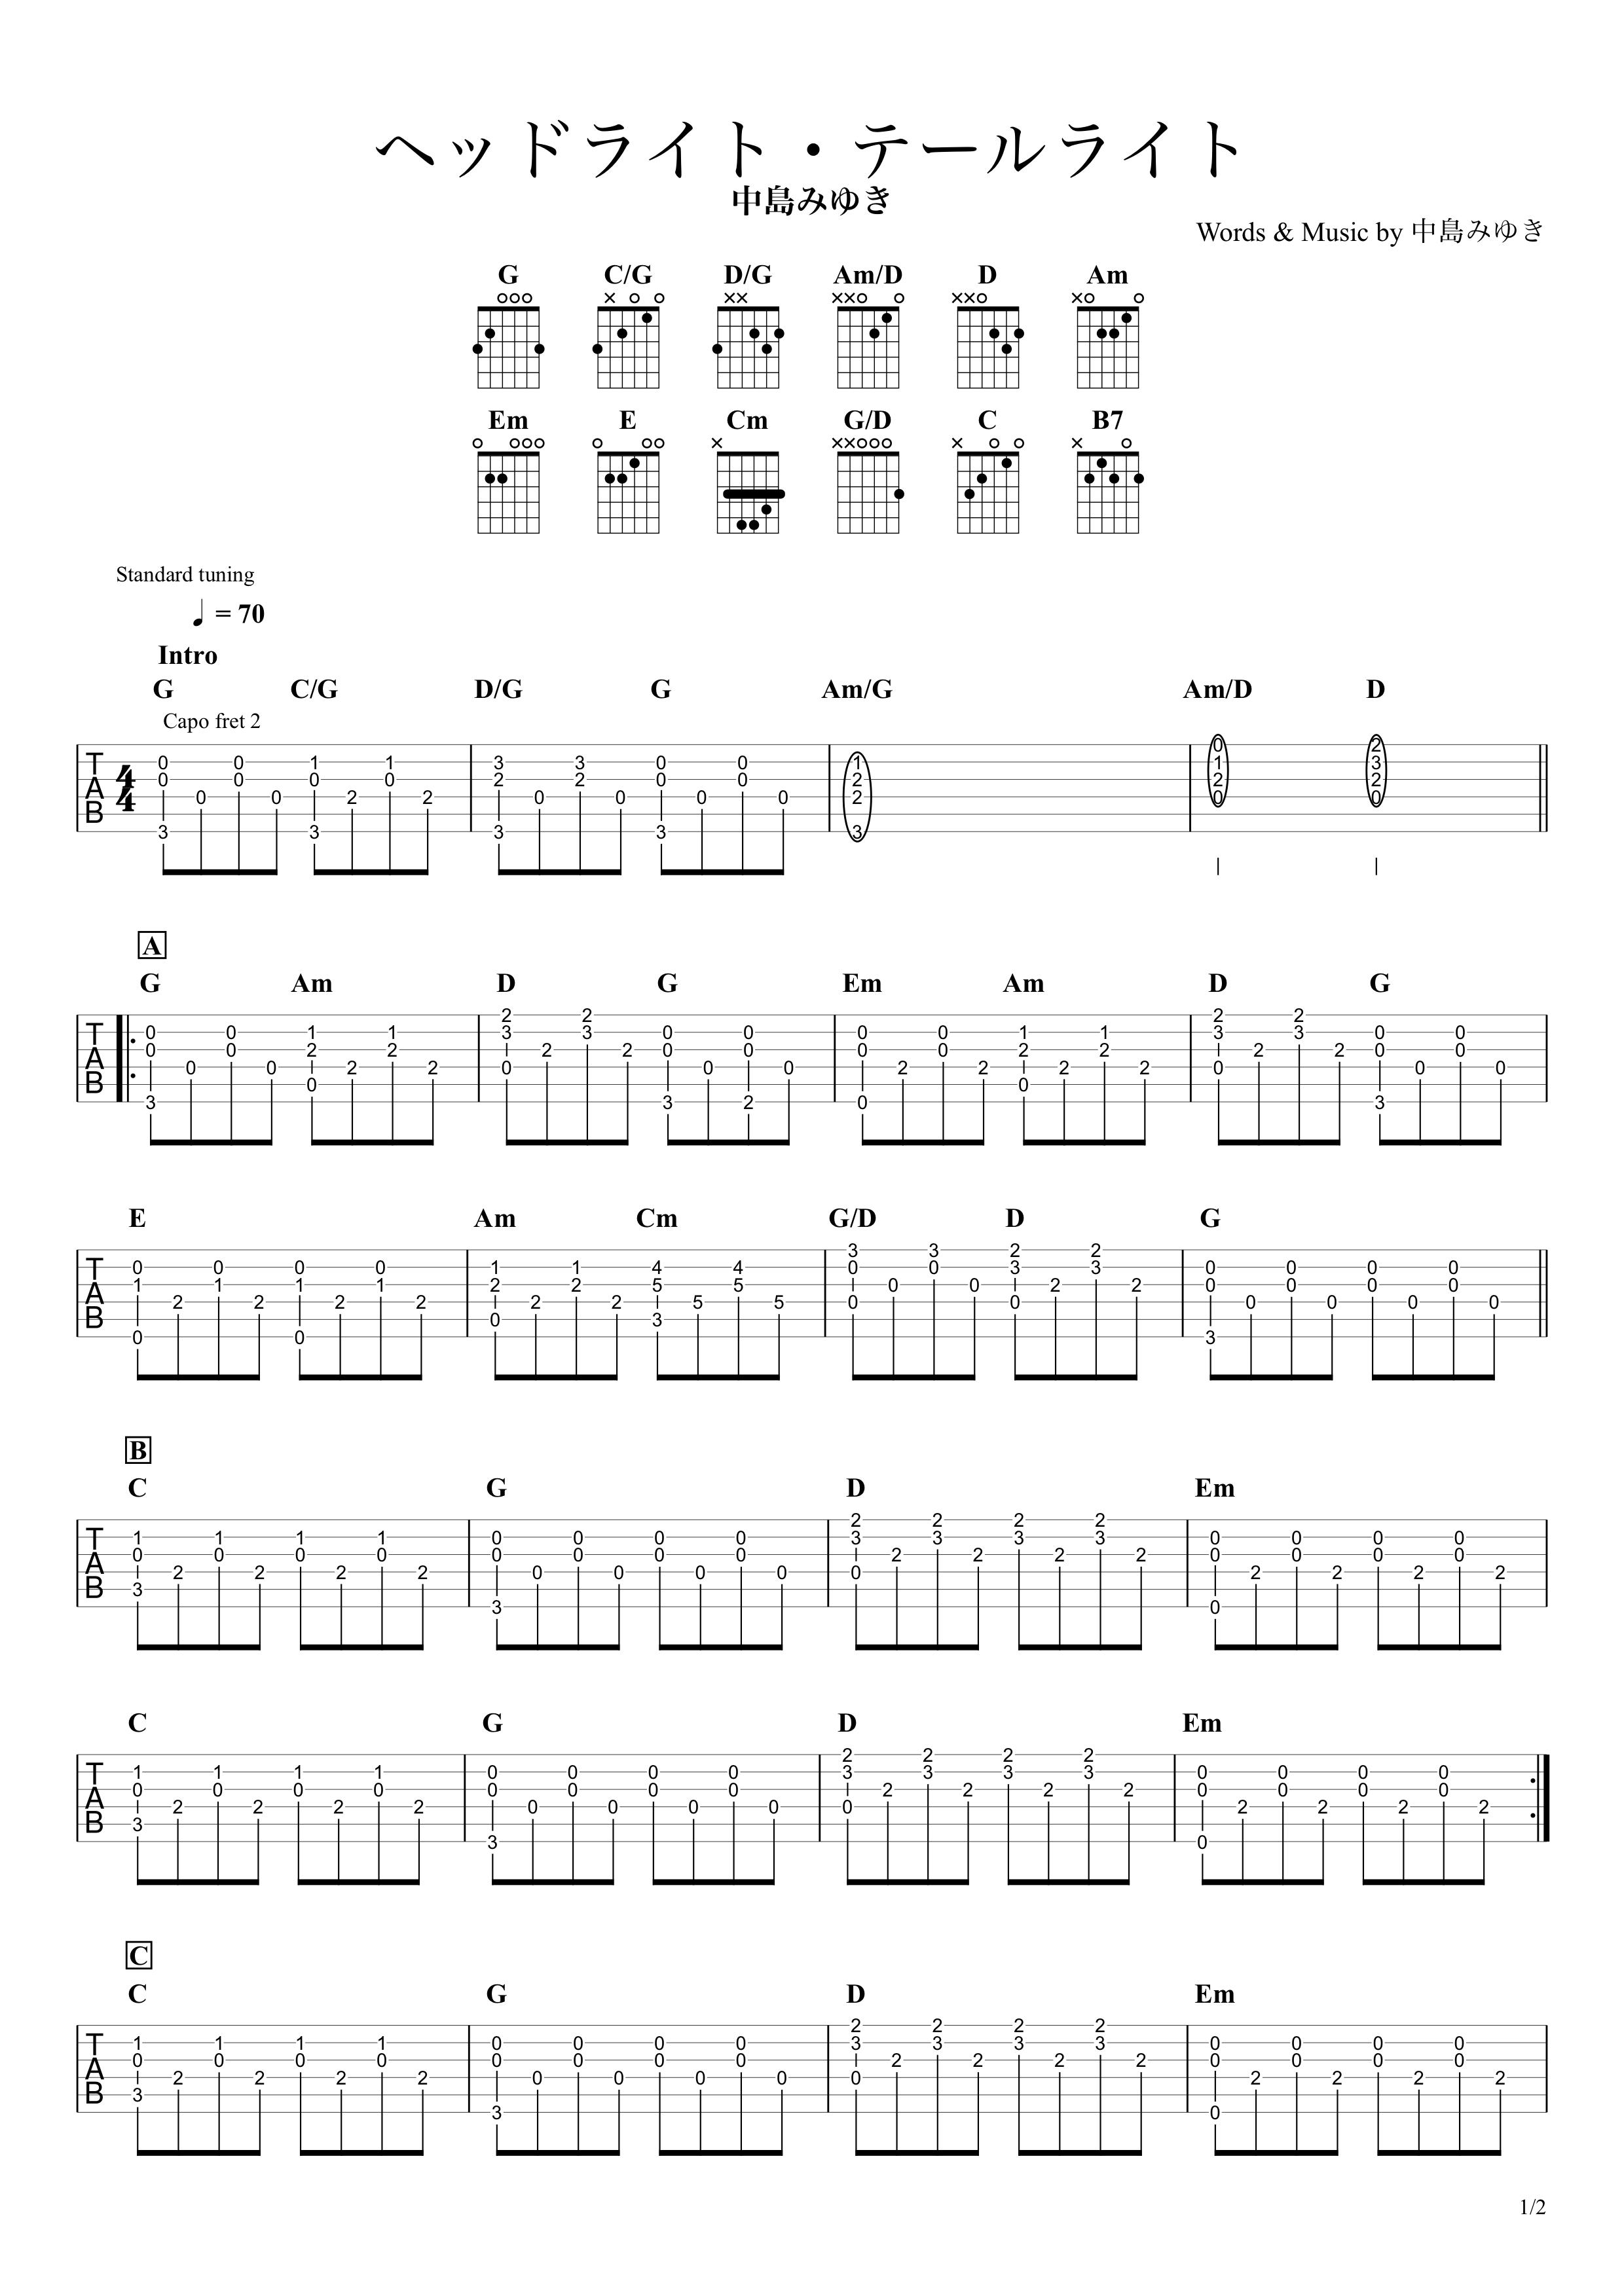 ヘッドライト・テールライト/中島みゆき ギタータブ譜 アルペジオで弾くアレンジVer.01